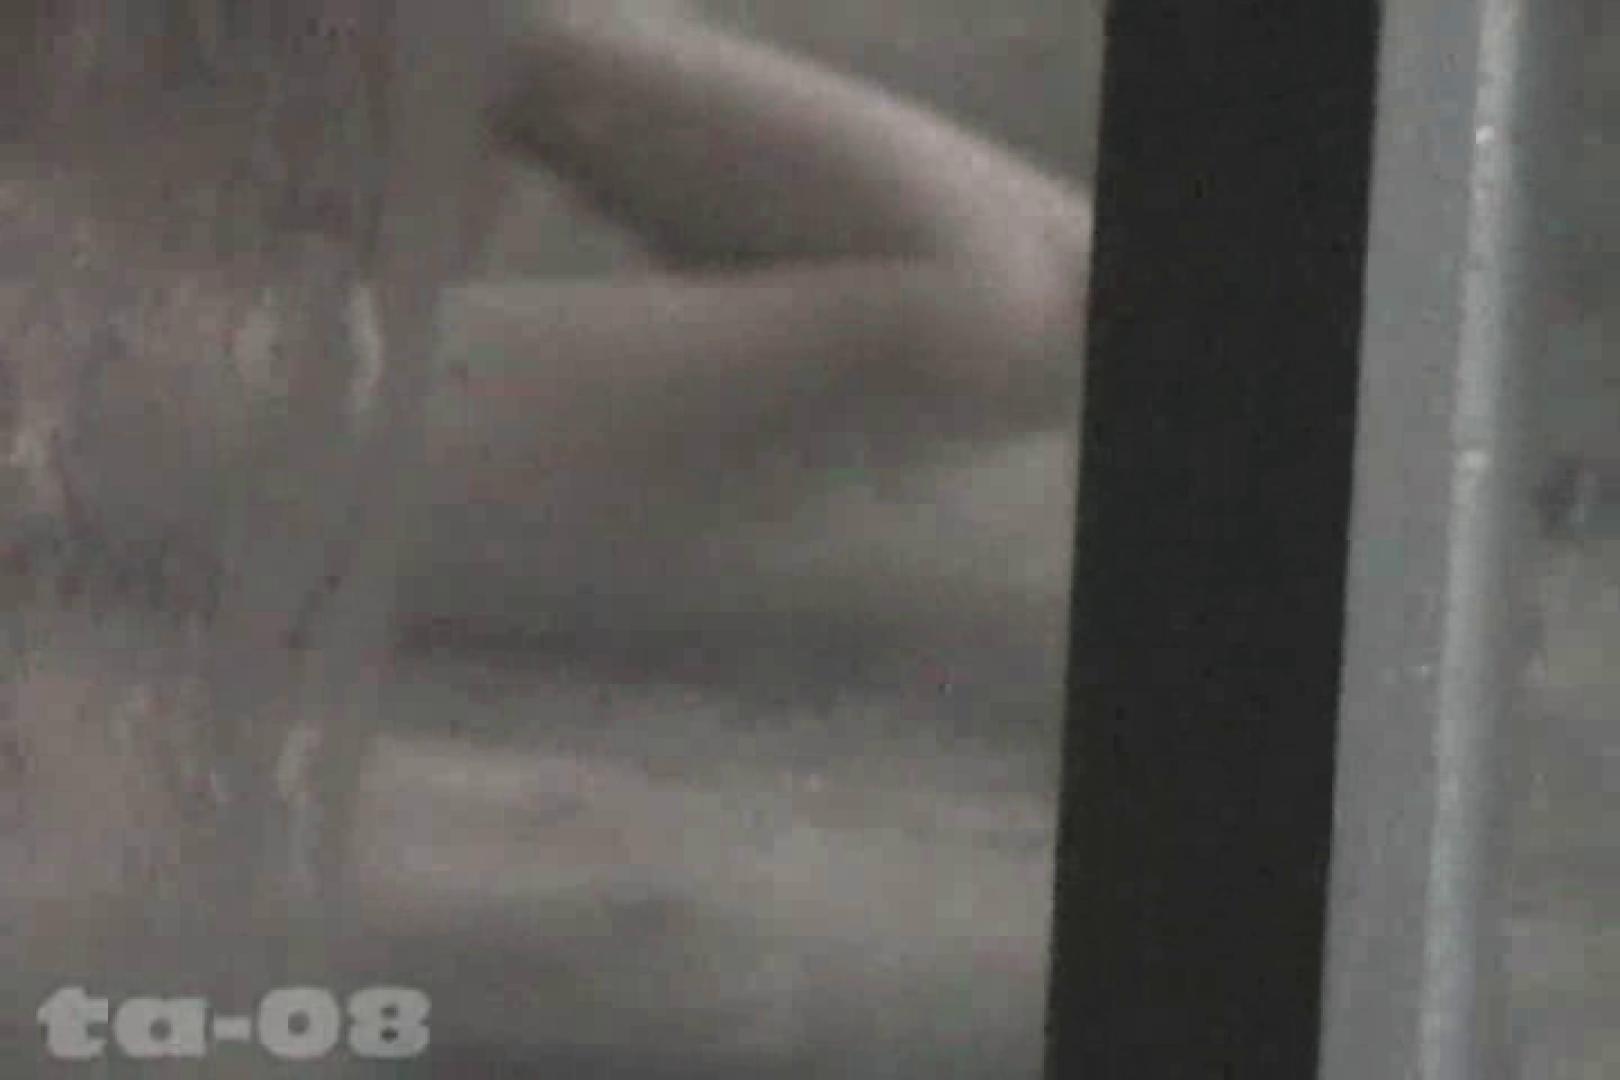 合宿ホテル女風呂盗撮高画質版 Vol.08 女風呂 すけべAV動画紹介 90画像 28